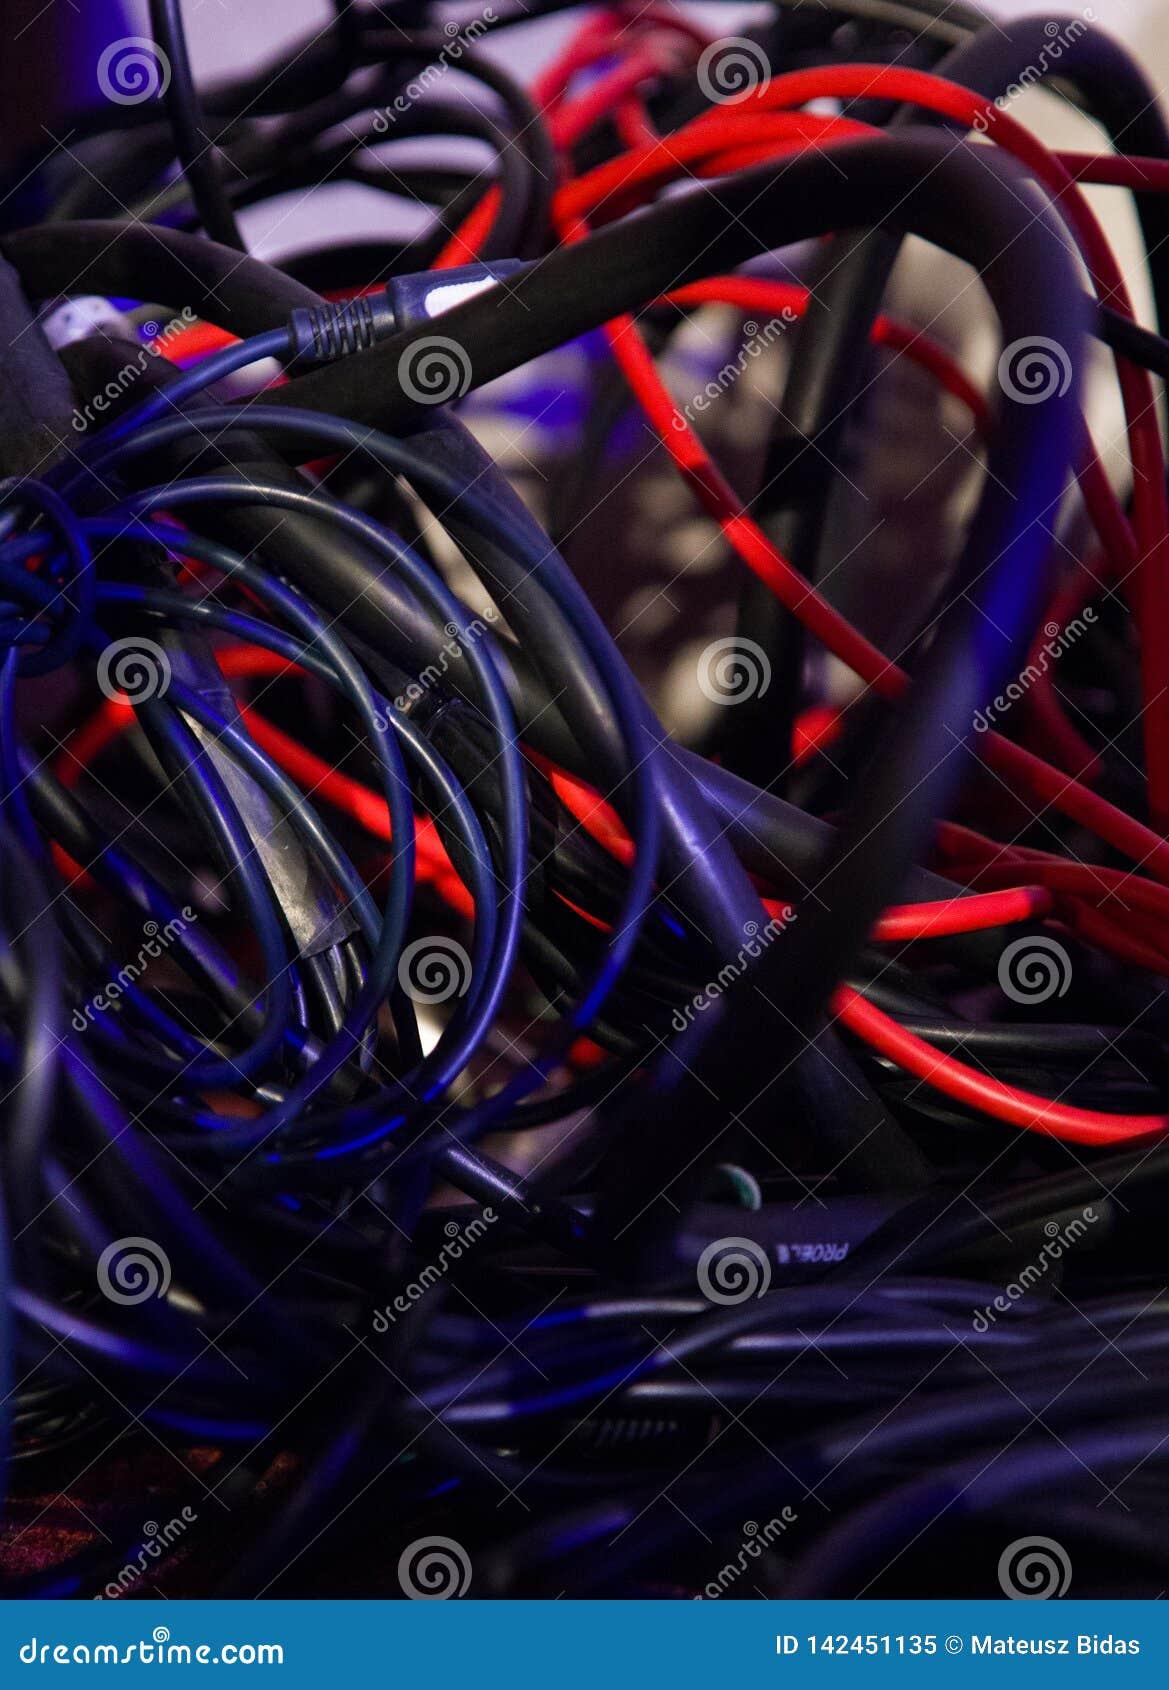 Olika färger av tilltrasslade kablar i oordning